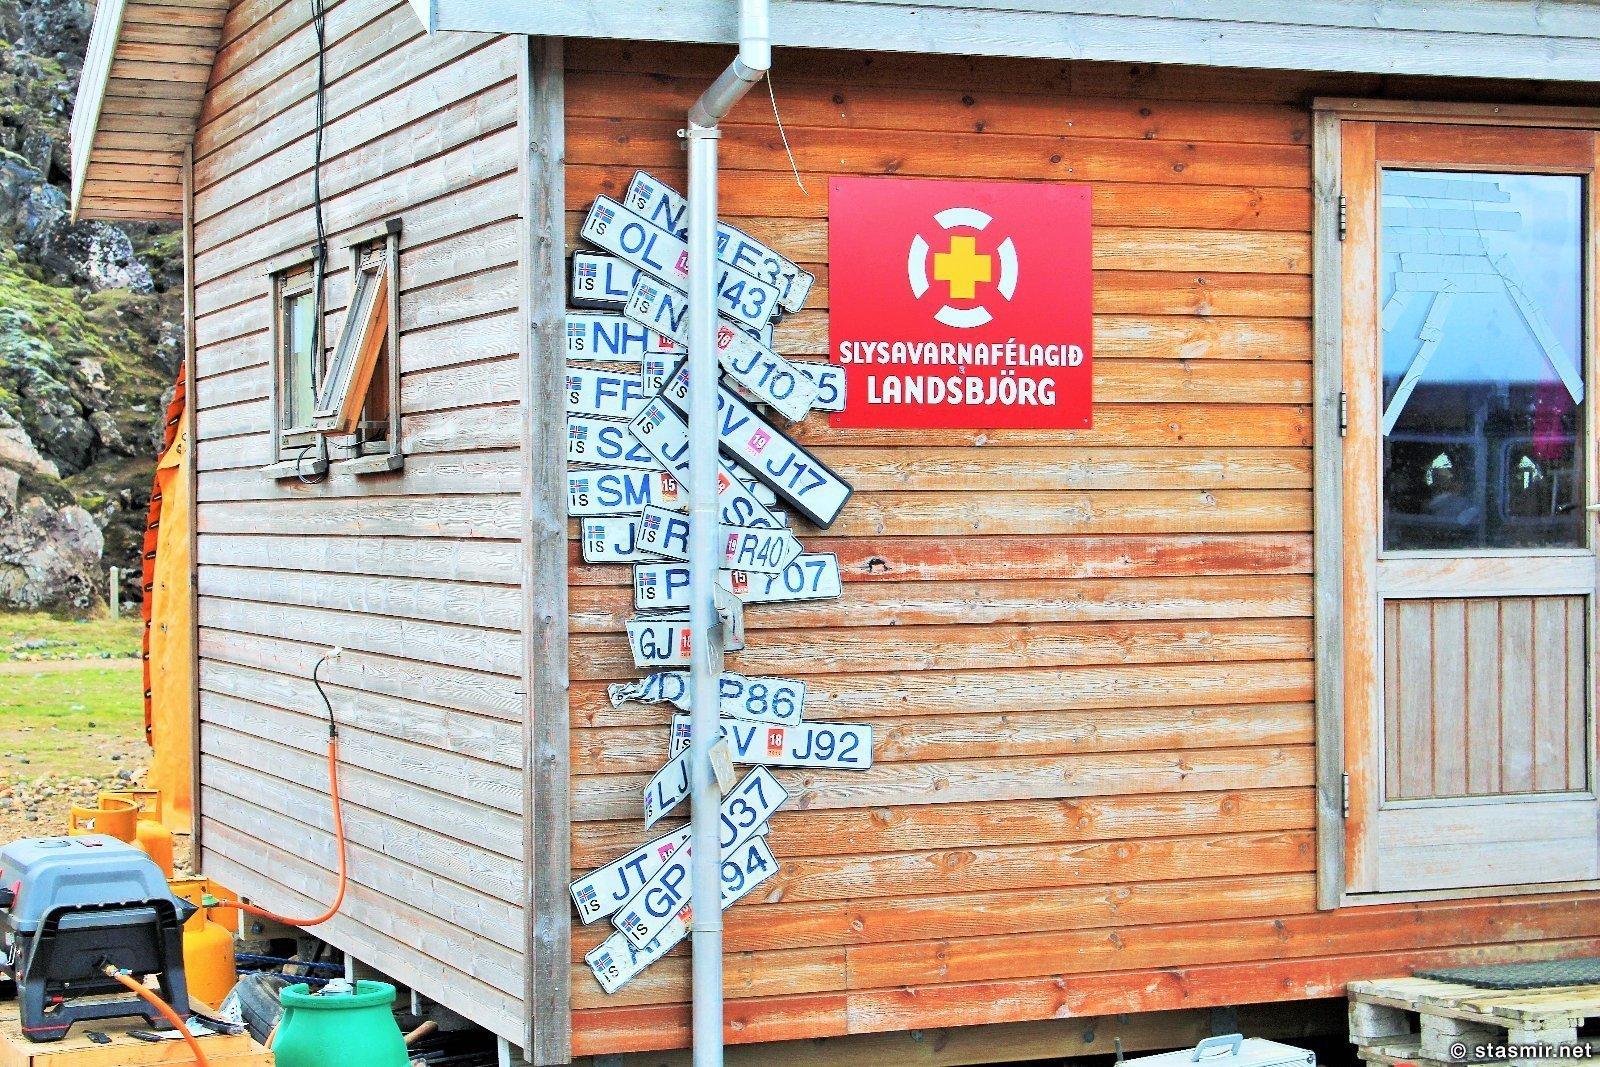 Потерянные номерные знаки в Ландманналёйгар, долина Ландманналёйгар, Ландманналаугар, Landmannalaugar, Icelandic road signs, фото Стасмир, Photo Stasmir